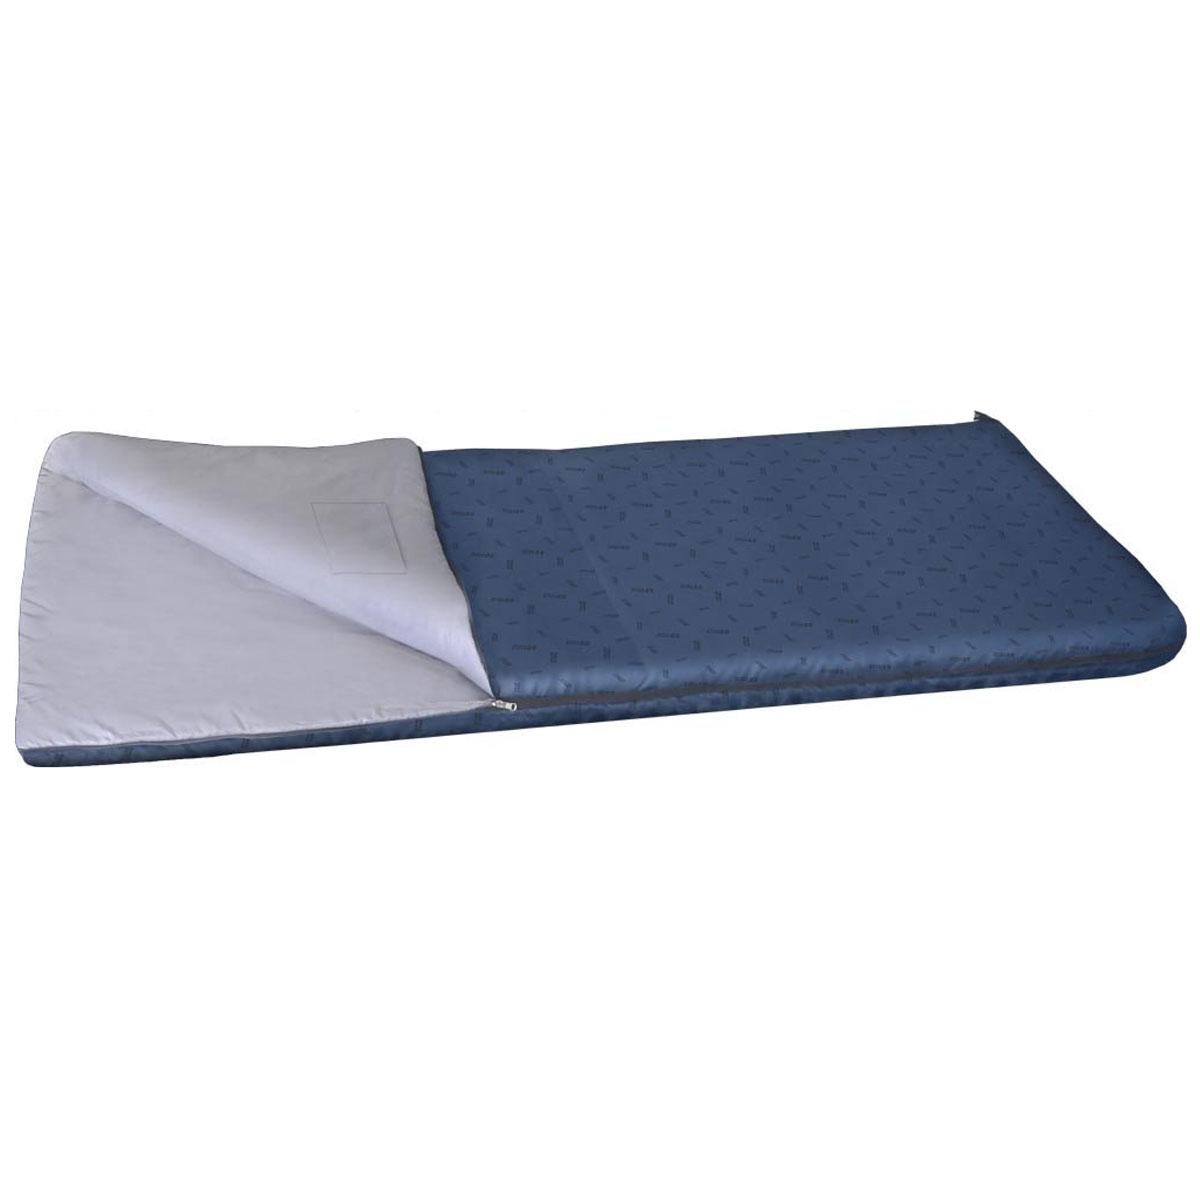 Спальный мешок NOVA TOUR Валдай 450, левосторонняя молния, цвет: синий95211-402-00Комфортный демисезонный спальный мешок NOVA TOUR Валдай 450, трансформирующийся при необходимости в теплое одеяло.Спальный мешок серии весна-осень, конструкции одеяло с синтетическим наполнителем. Для уменьшения веса изготавливается без подголовника. Благодаря двухзамковой молнии, имеется возможность состегнуть два спальника в один двойной. Для сушки и проветривания изделия предусмотрены две петли в нижней части мешка. Компрессионный мешок в комплекте.